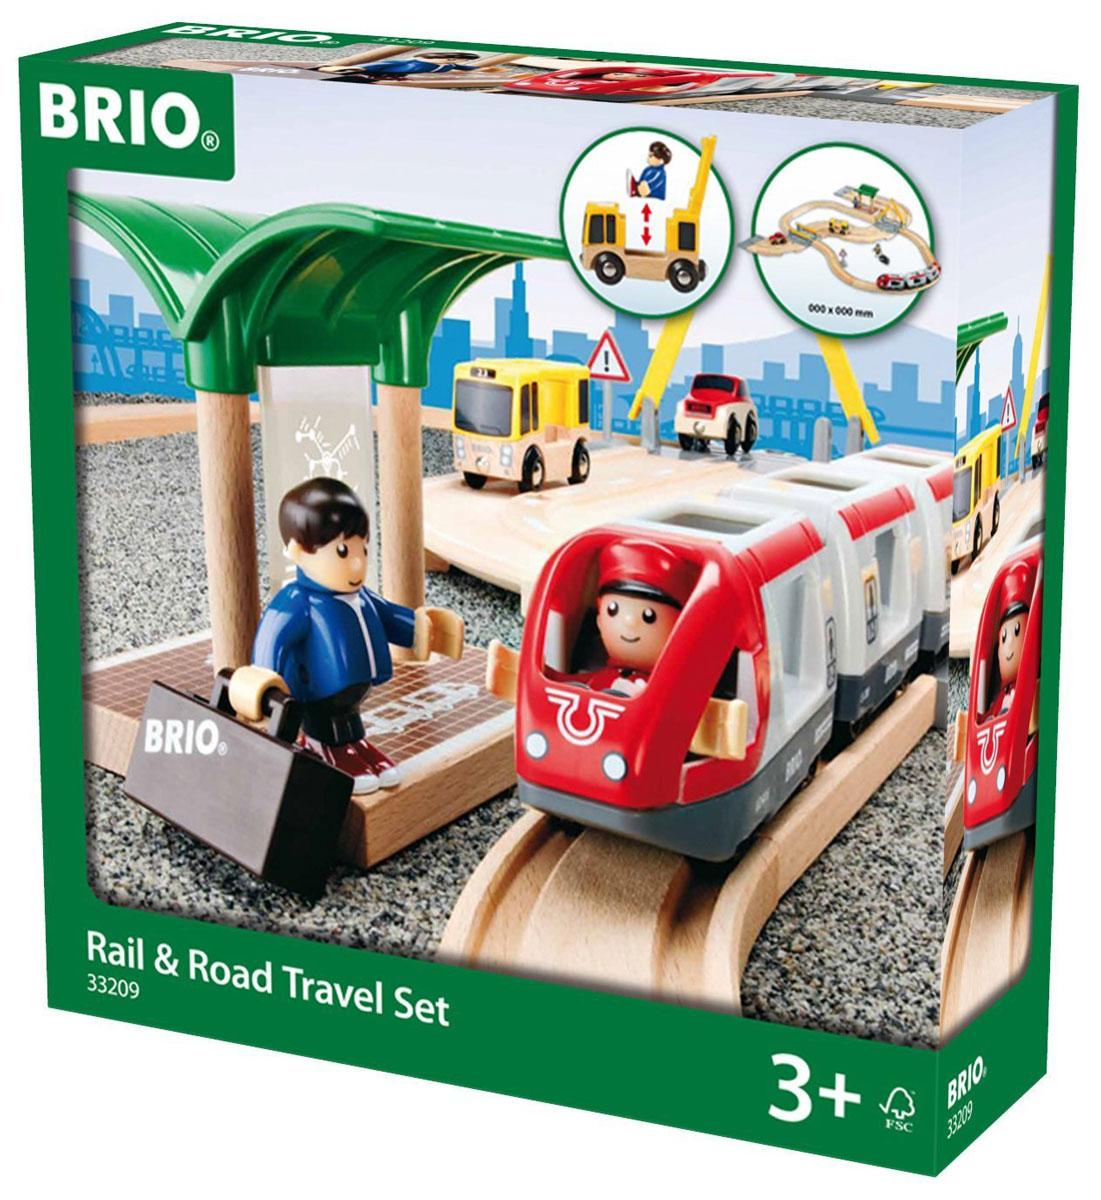 Brio Железная дорога с переездом33209С железной дорогой с переездом Brio дети не только весело, но и познавательно проведут время. Деятельность развивается на автомобильной и железной дорогах, где ребенок разыгрывает сценарий городской жизни, выступая в роли пассажиров, машиниста или водителя, осознает, что такое внимательность и осторожность. Предварительно построив дорогу из деревянных секций, обращая внимание на знак Внимание и шлагбаум, дети смогут перемещать автобус, легковой автомобиль и пассажирский поезд. В состав железной дороги входят железнодорожное полотно, пассажирский поезд, состоящий из трех вагонов, пассажирская станция, пассажиры с багажом и машинист поезда, полотно автомобильной дороги, два переезда, автобус и легковой автомобиль. Автомобильная дорога оканчивается съездами, позволяющими машинкам съезжать с ее полотна и ездить по полу. Машиниста пассажирского поезда можно посадить в головные вагоны поезда или присоединить его к пассажирам и сажать в автобус. У фигурок человечков сгибаются...